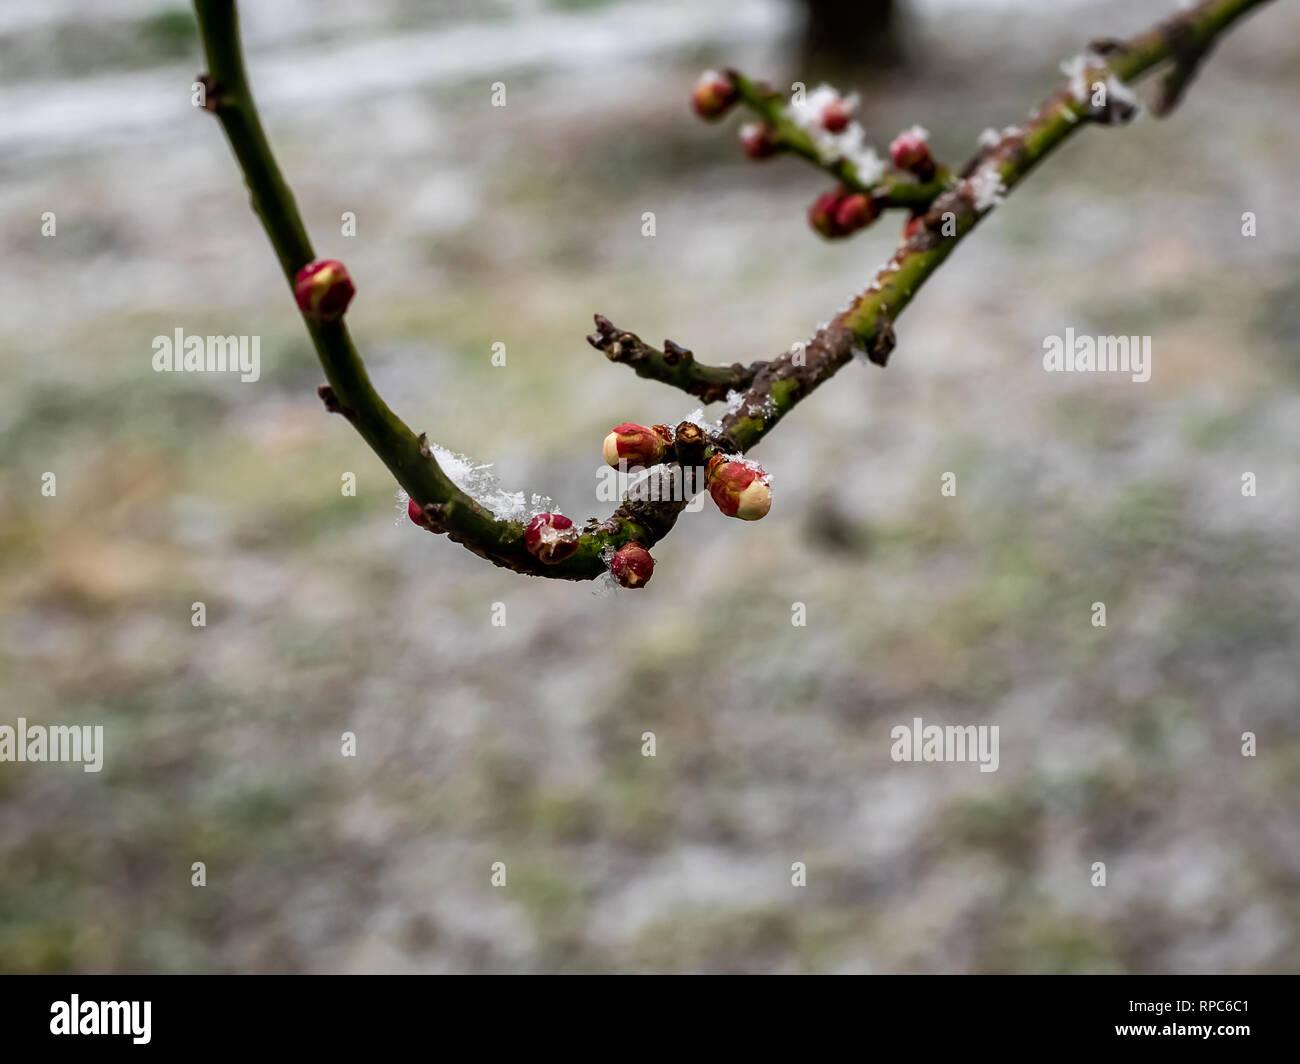 Schnee fällt auf eine blanke Japanische Pflaume oder ume, Ast voller Knospen, kurz vor der Eröffnung. Stockbild